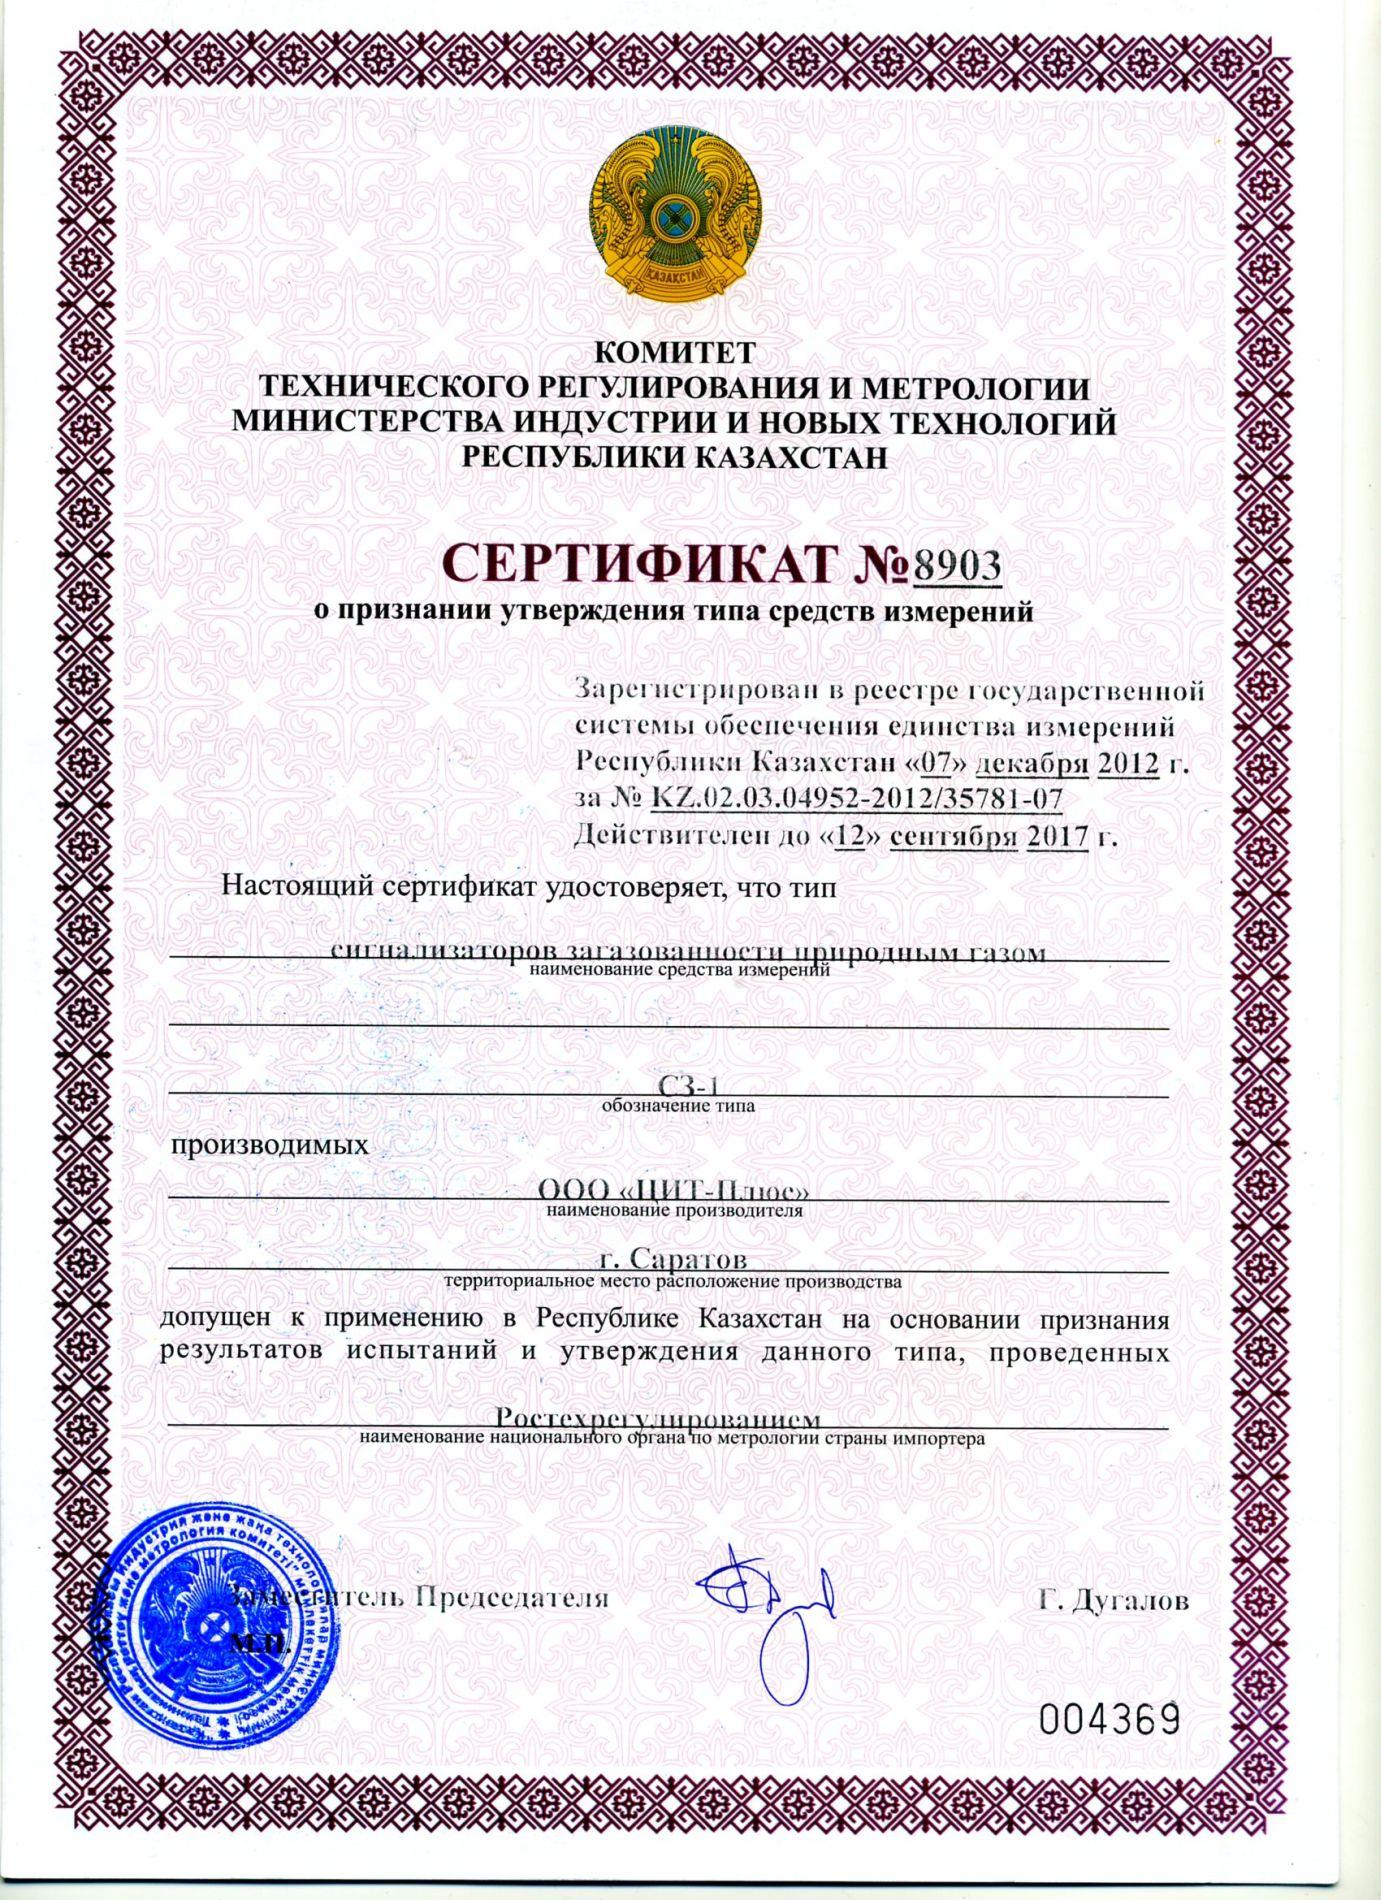 Сертификаты соответствия (Республика Казахстан)